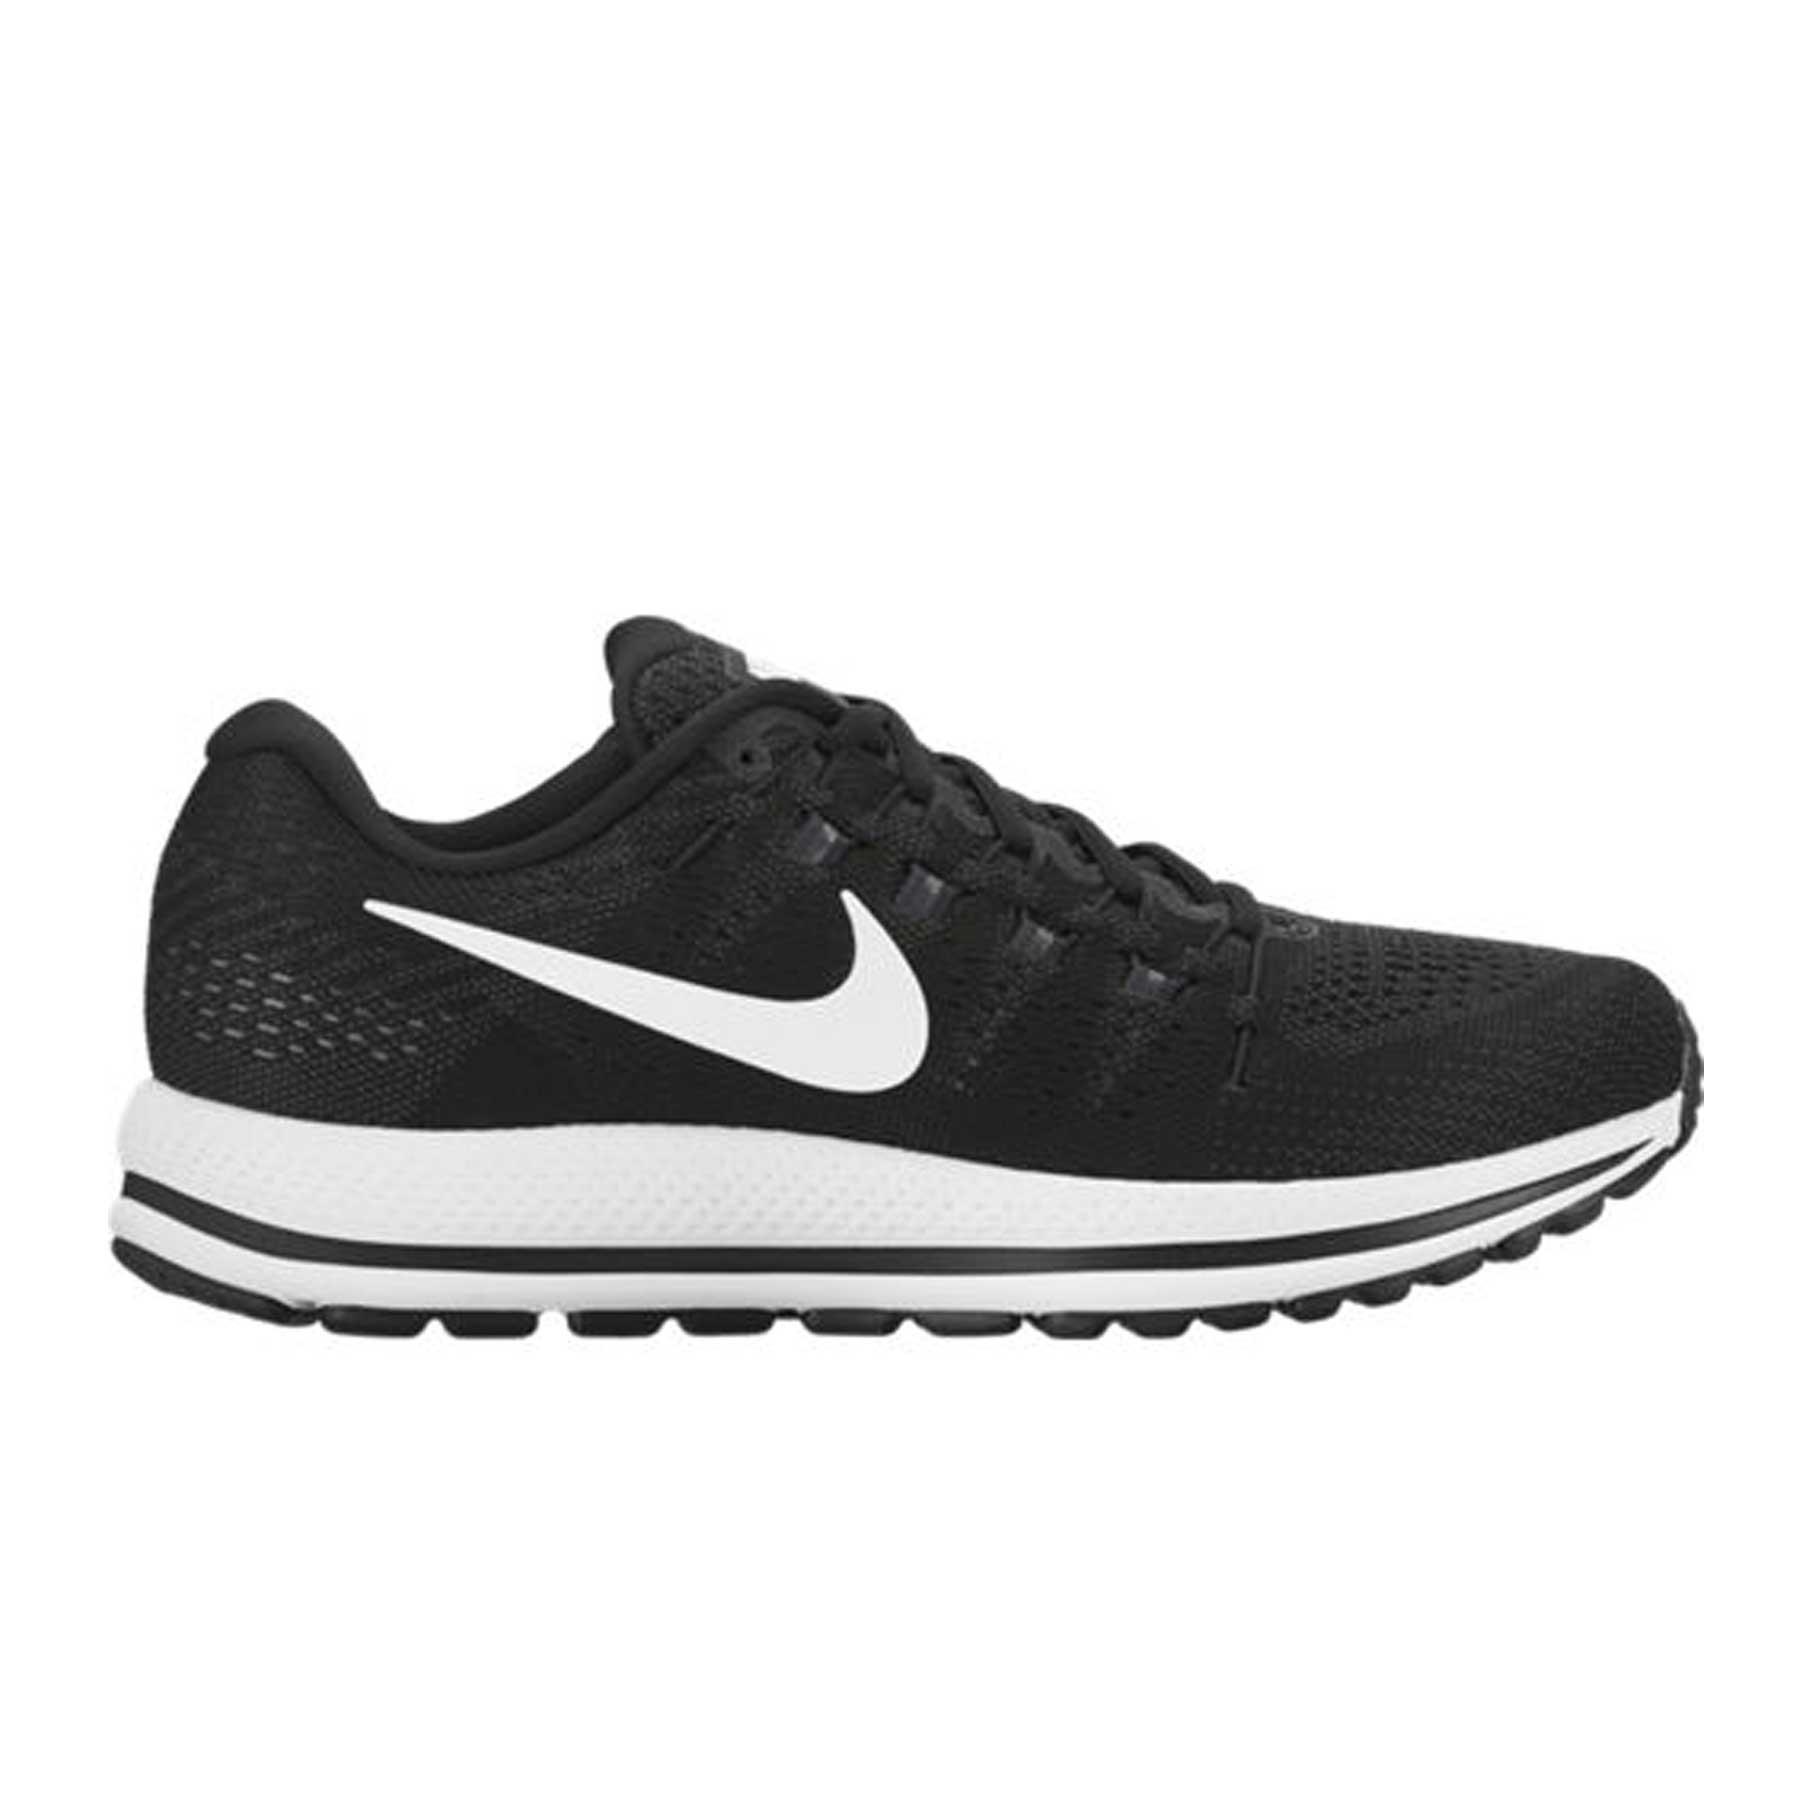 E Runnea 12 Running Consigli Air Recensioni Nike Vomero Scarpe Zoom qfnpx14